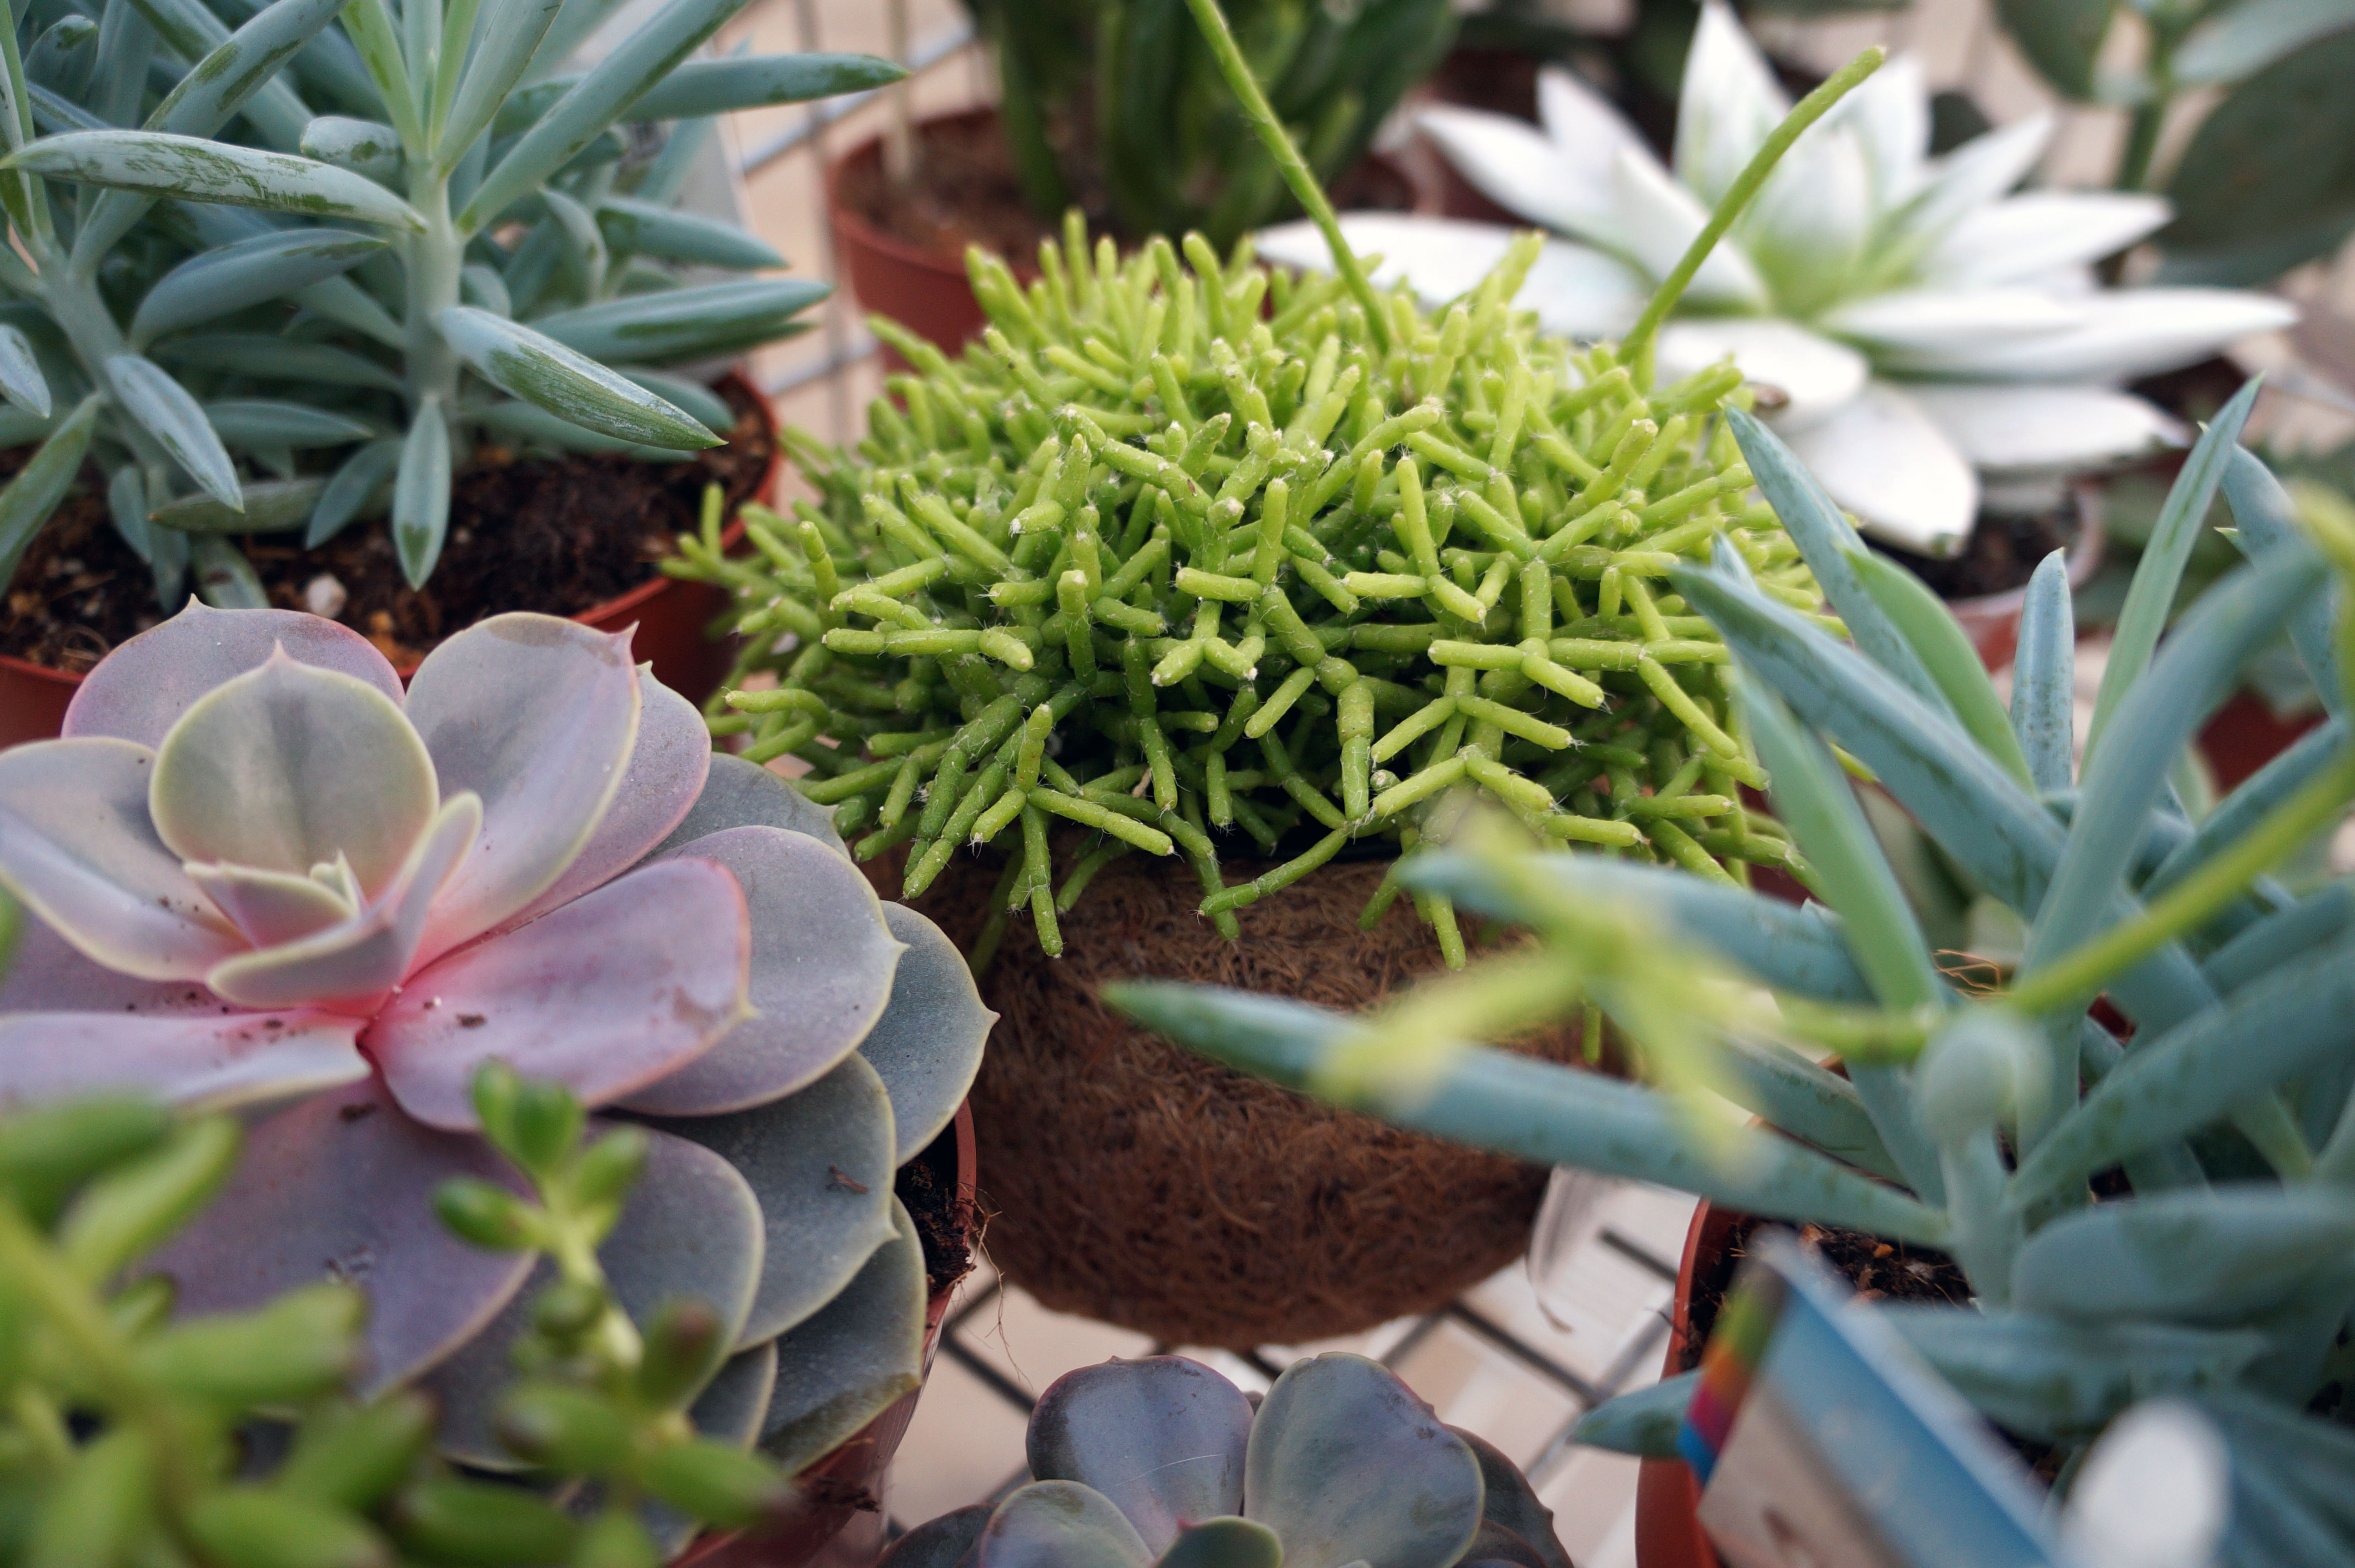 1 teemas on sukulendid jardin lilled for Jardin lilled